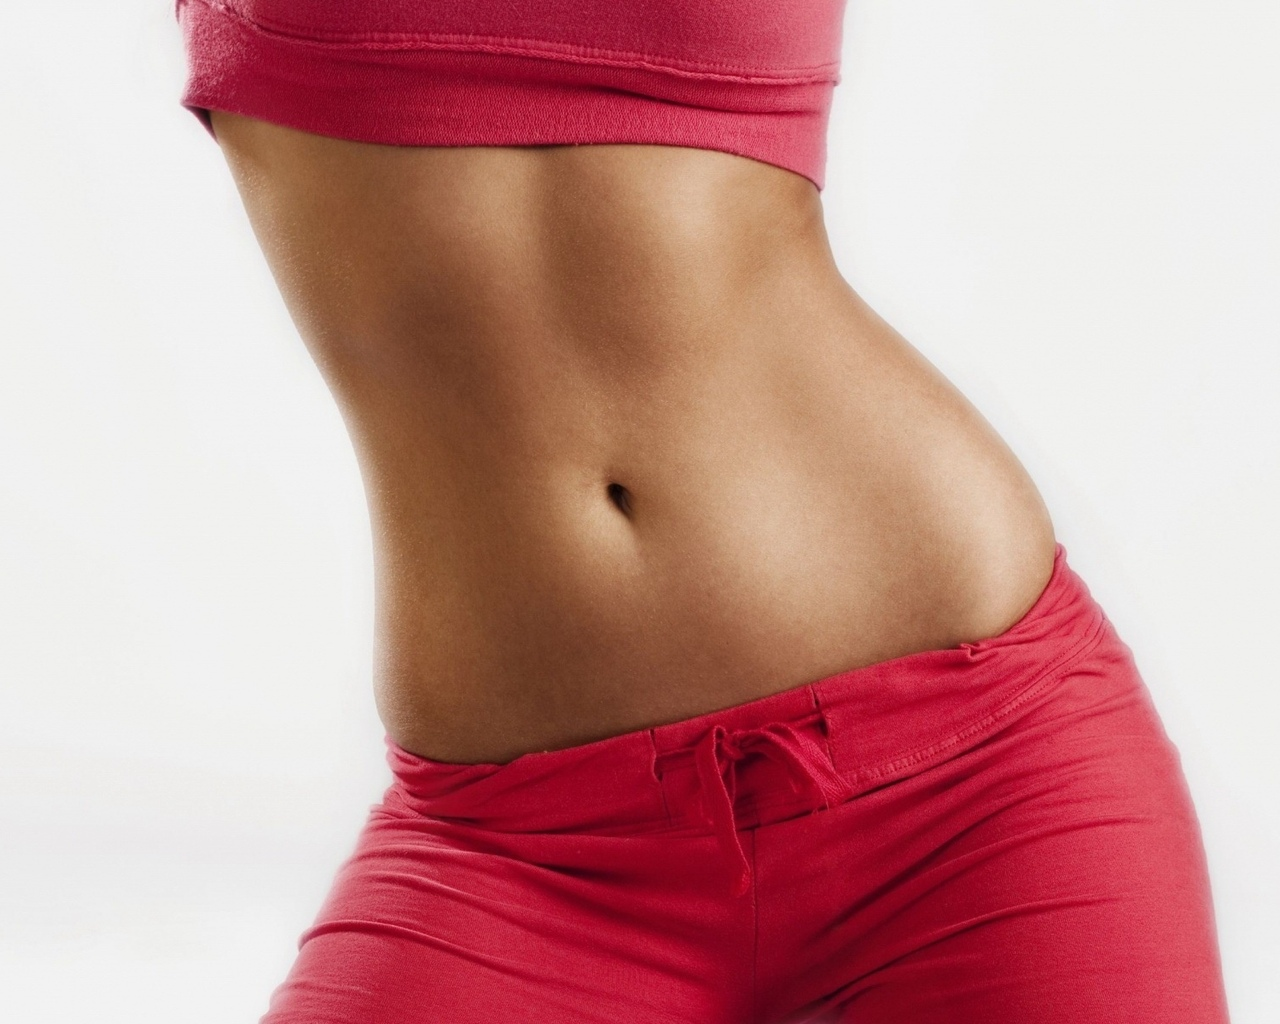 5 лучших упражнений для плоского живота